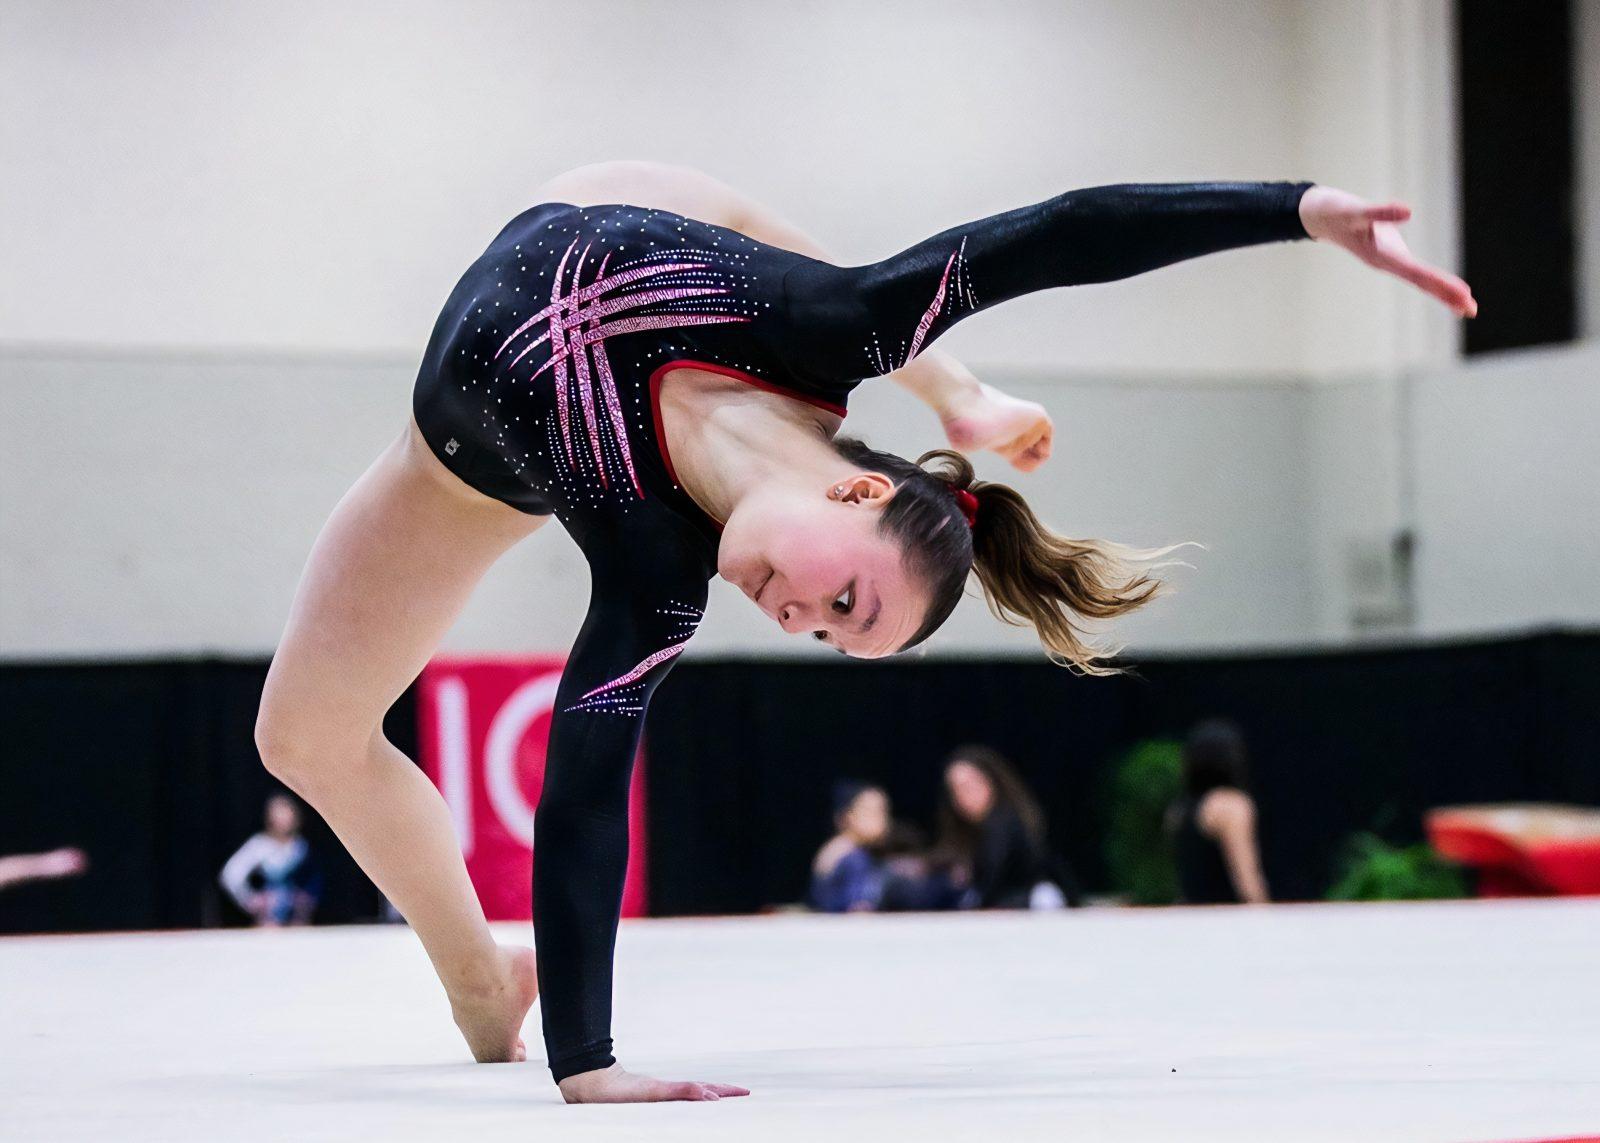 Gymnastique: entre l'inquiétude et la résilience à l'École les Dynamix